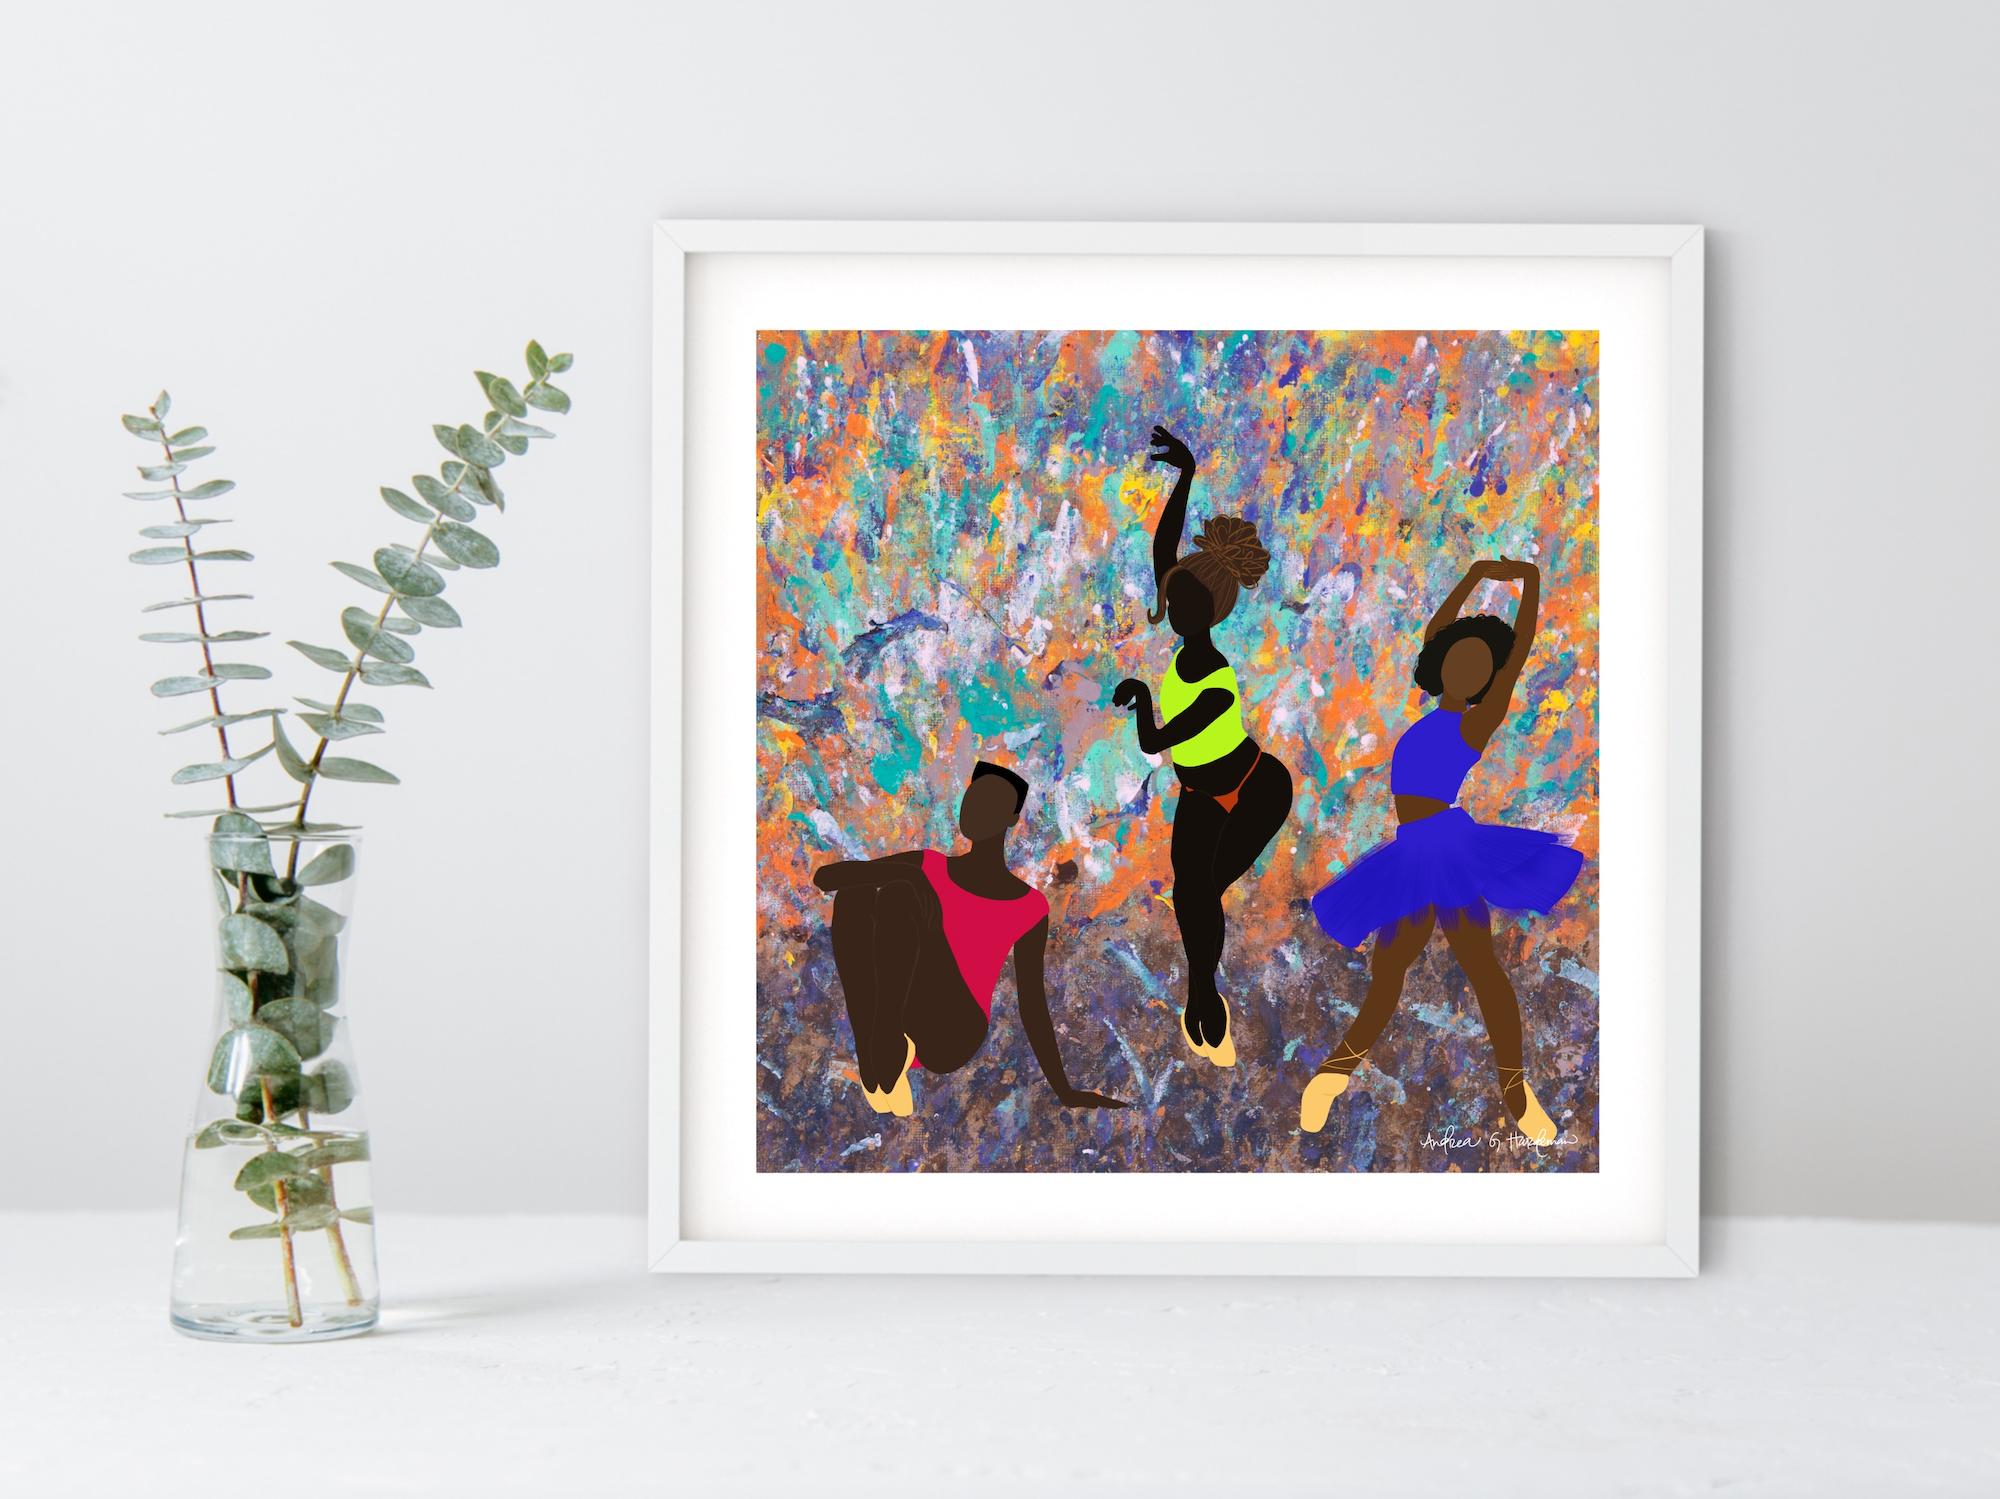 Andrea's art; Les Danseurs Noir 1, 2020.